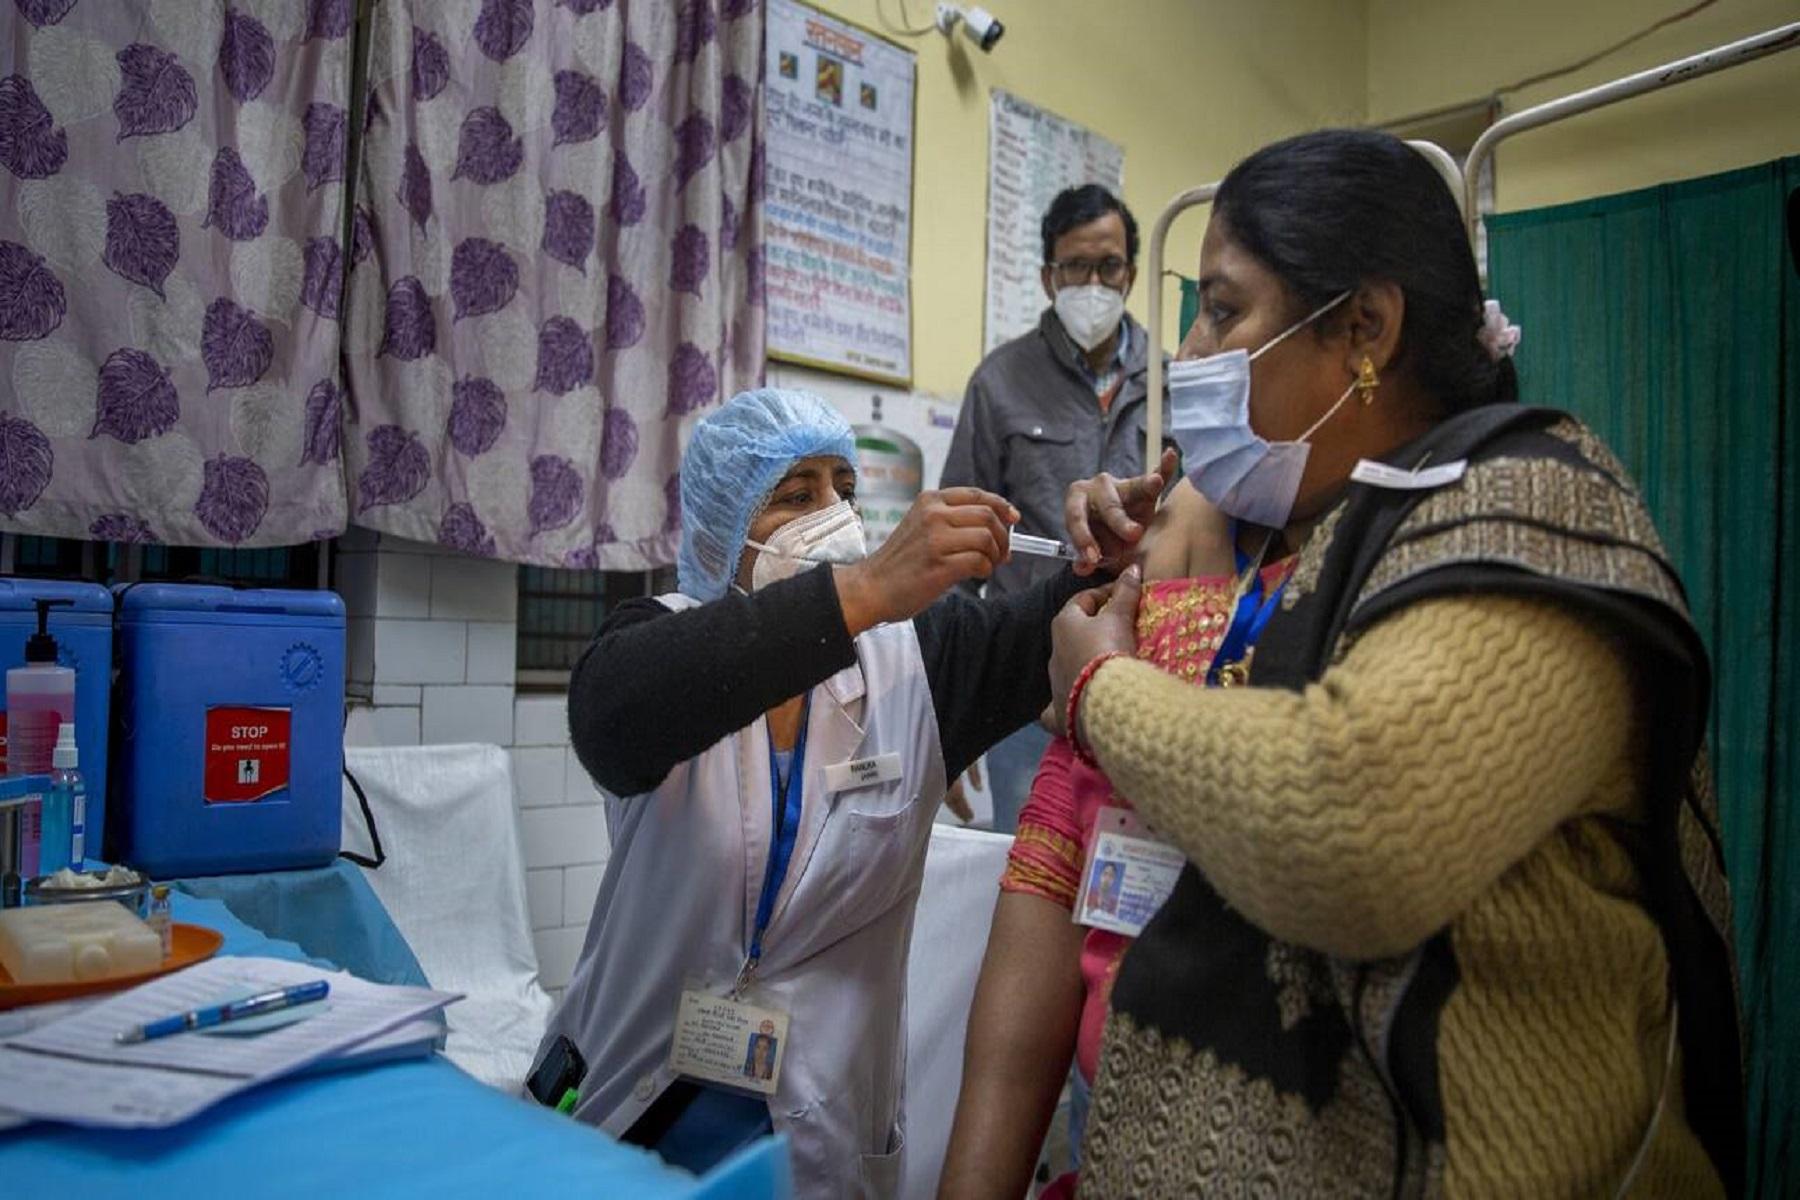 Υπουργείο Υγείας Ινδία: Σύσταση για πλήρη εμβολιασμό των εργαζομένων πρώτης γραμμής